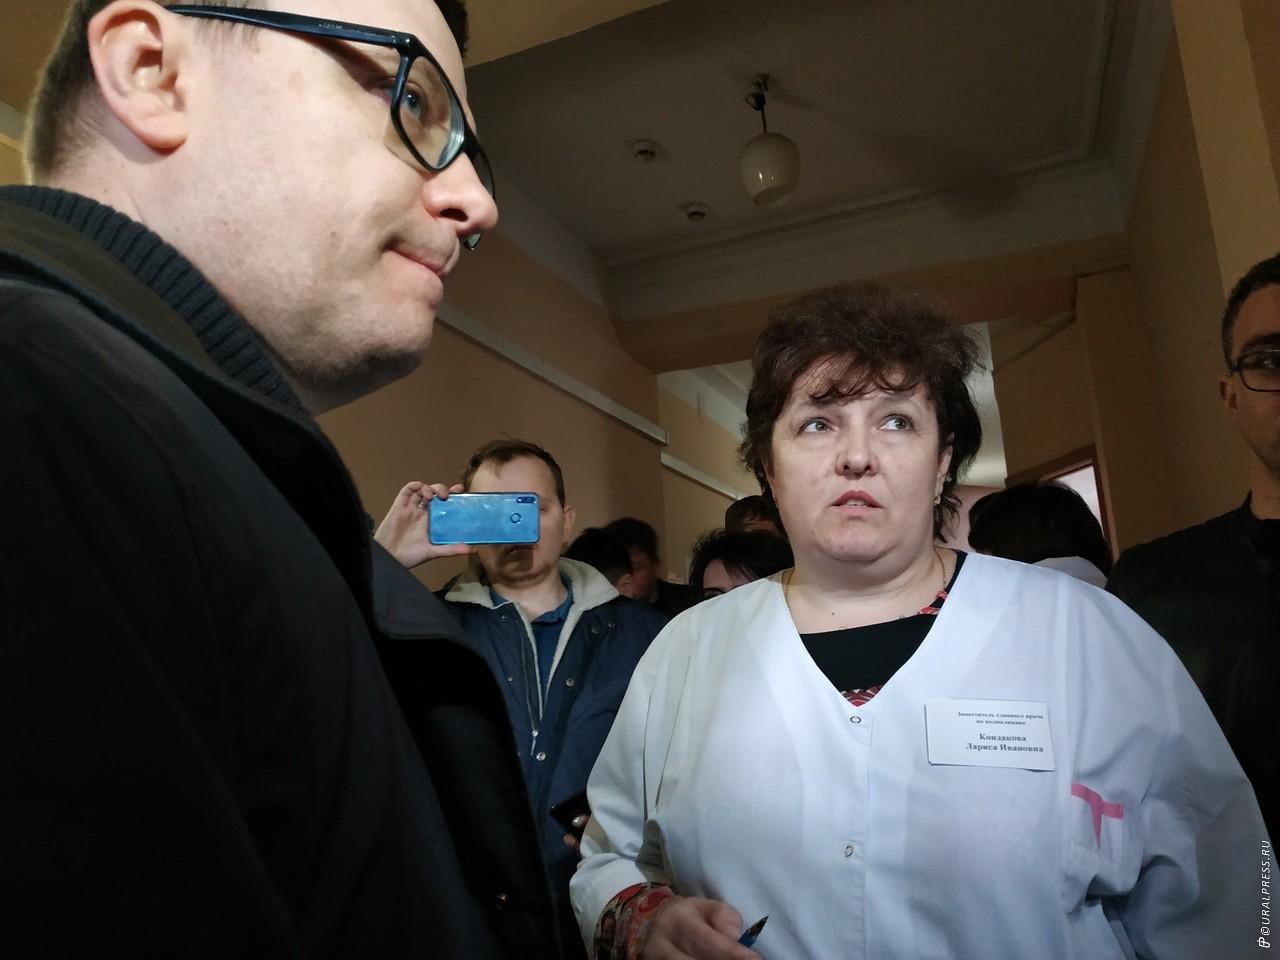 Больницы Копейского городского округа (Челябинская область) испытывают серьезный дефицит медицинс